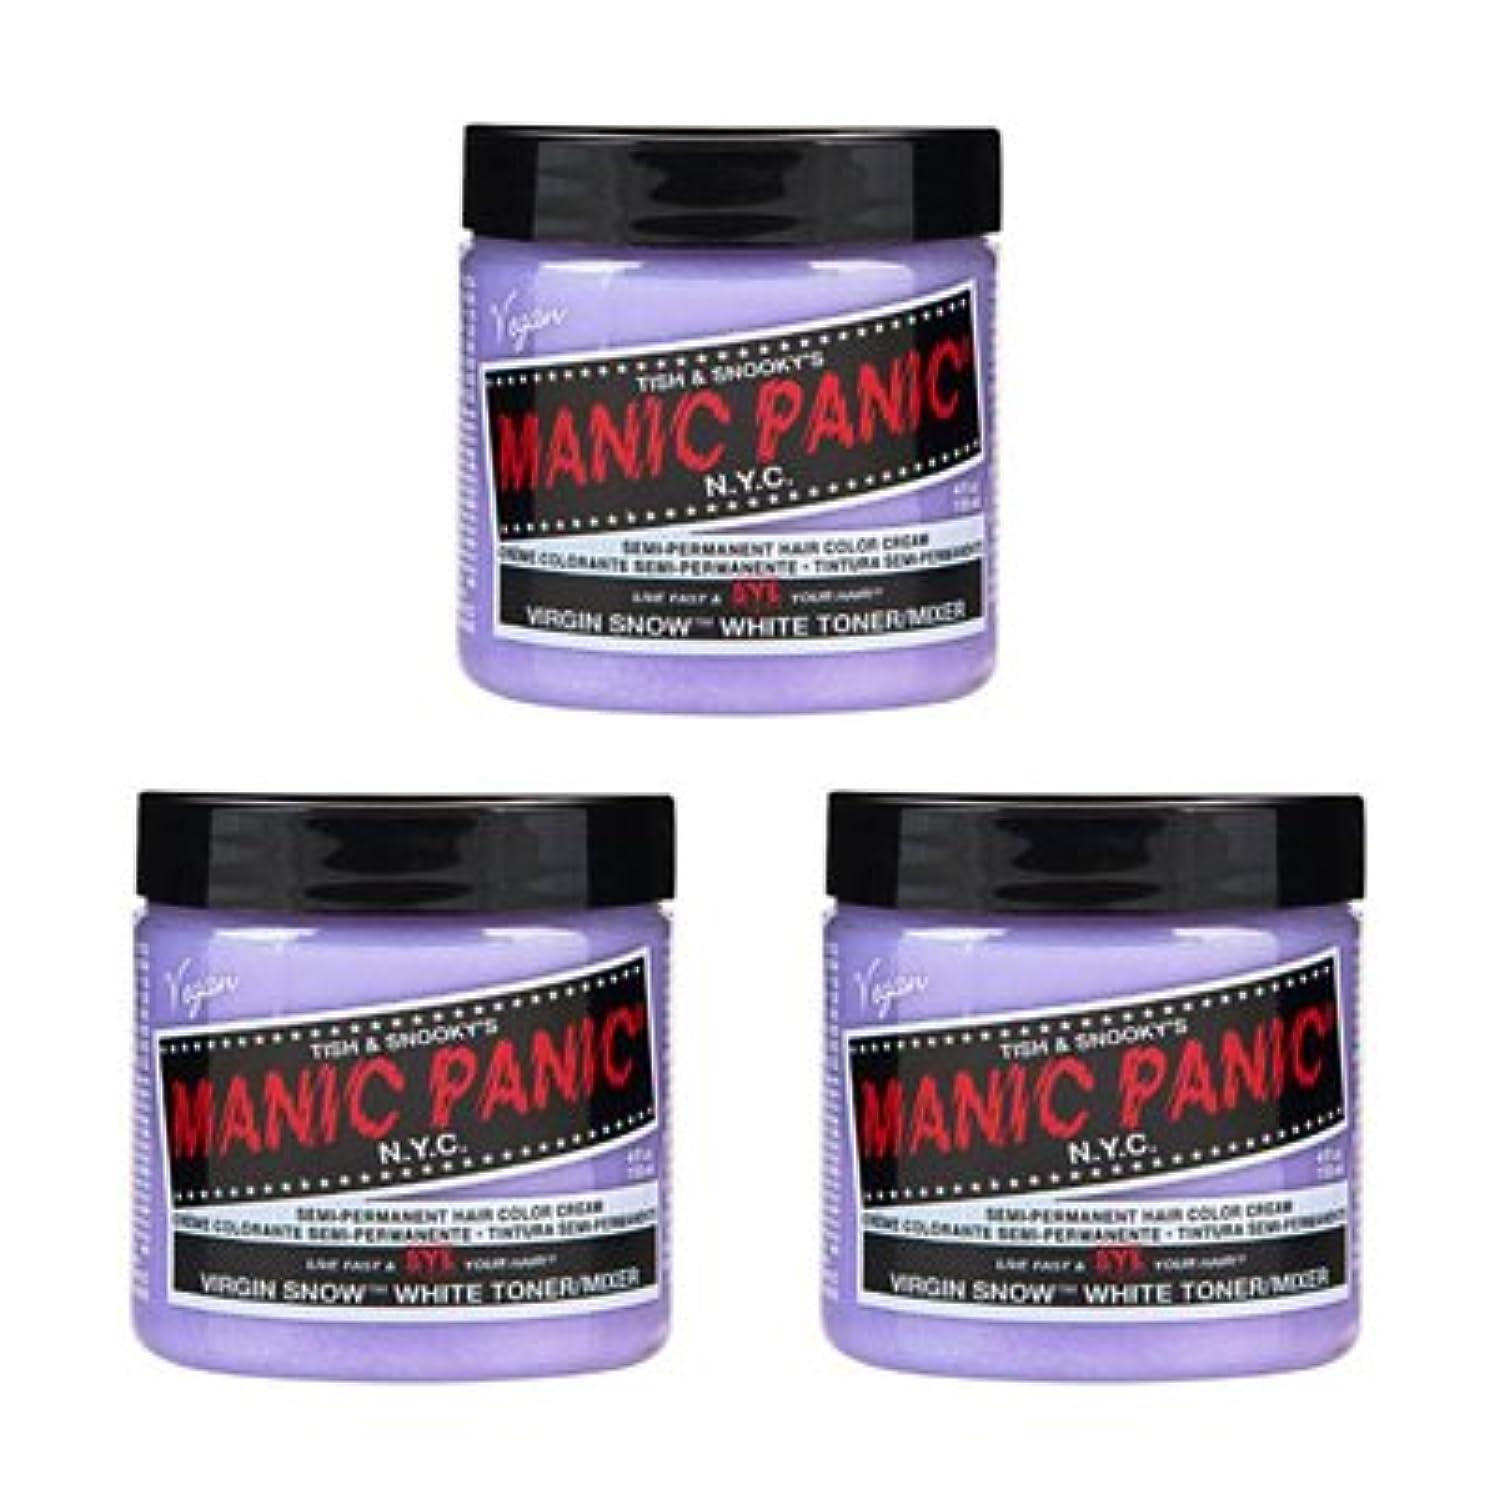 怪物異常な一貫性のない【3個セット】MANIC PANIC マニックパニック Virgin Snow (ヴァージン?スノー) 118ml